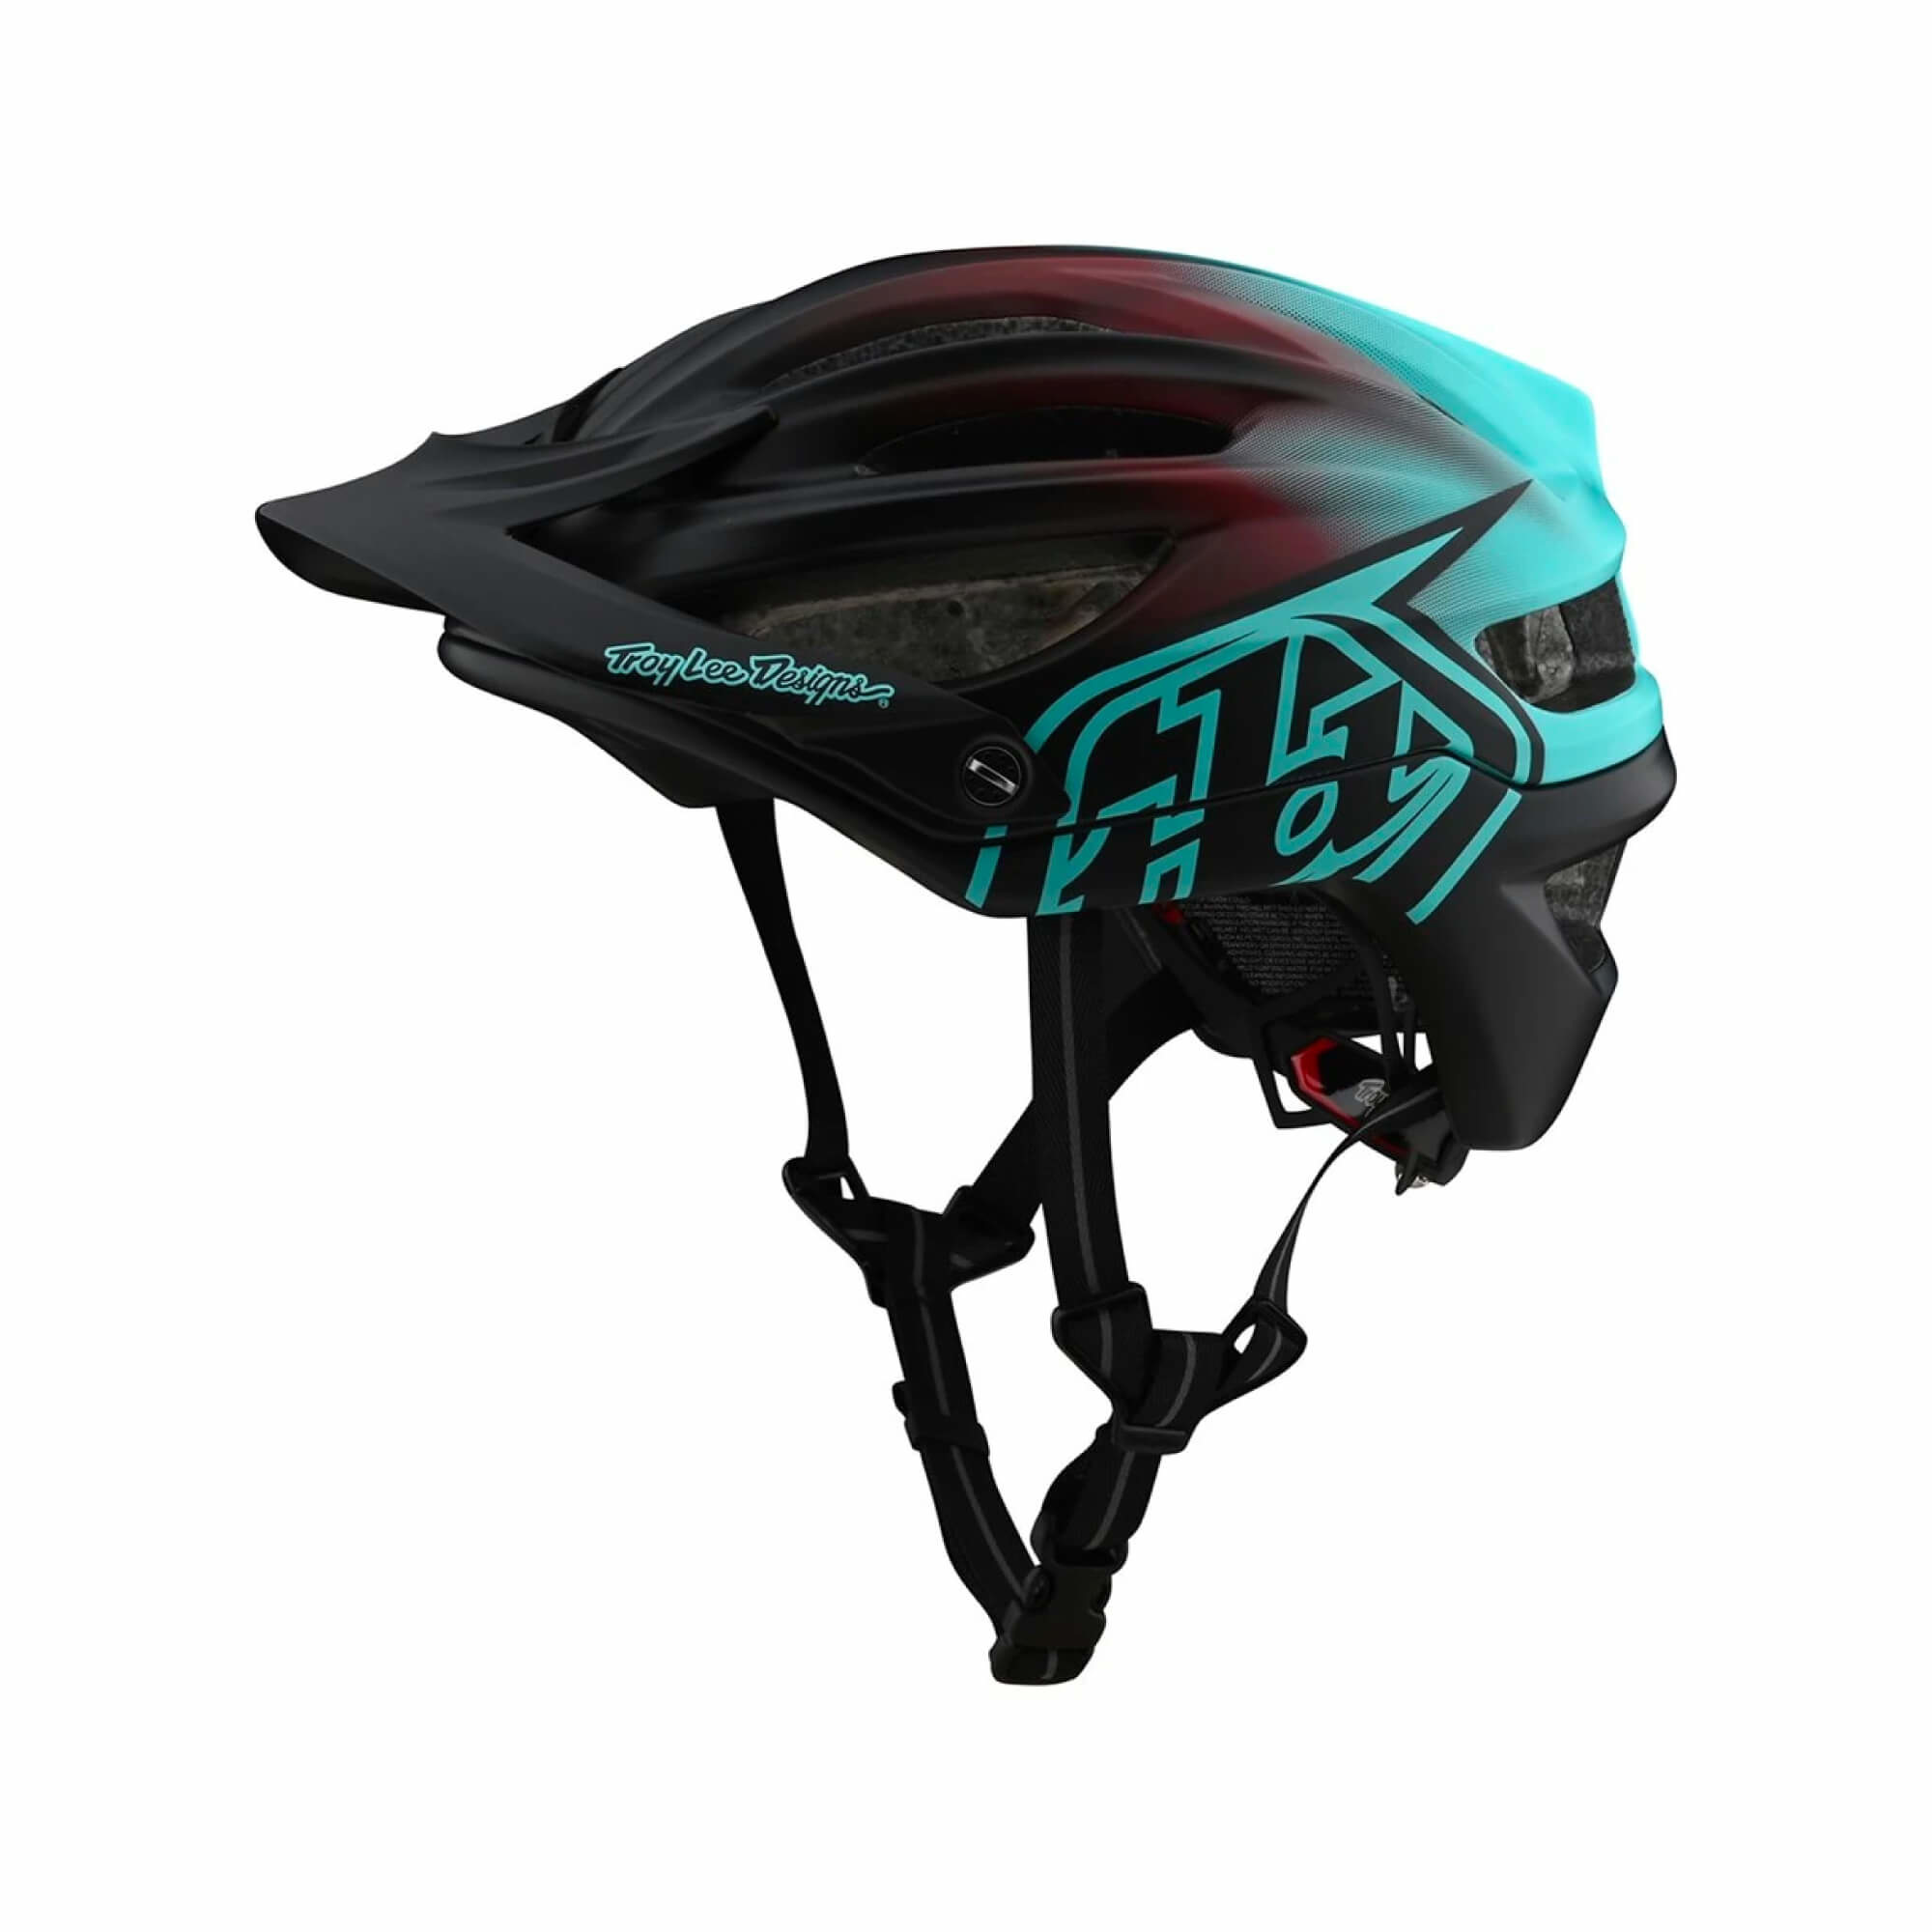 ER A2 As Mips Helmet 21-1